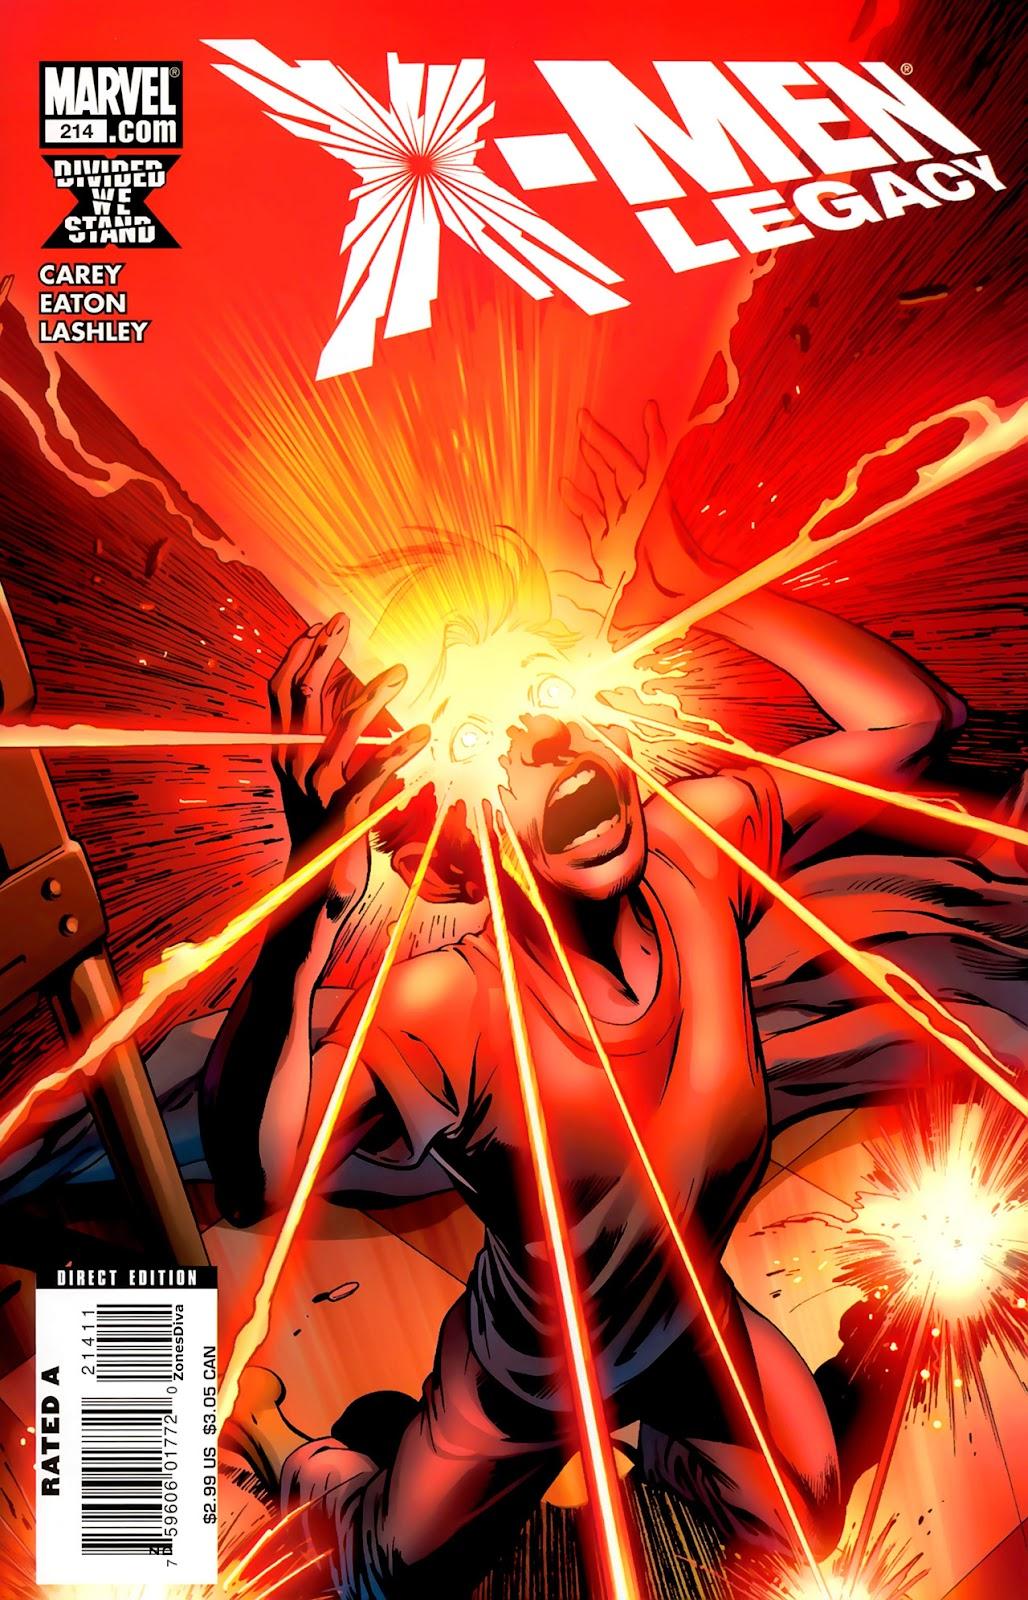 X-Men Legacy (2008) 214 Page 1